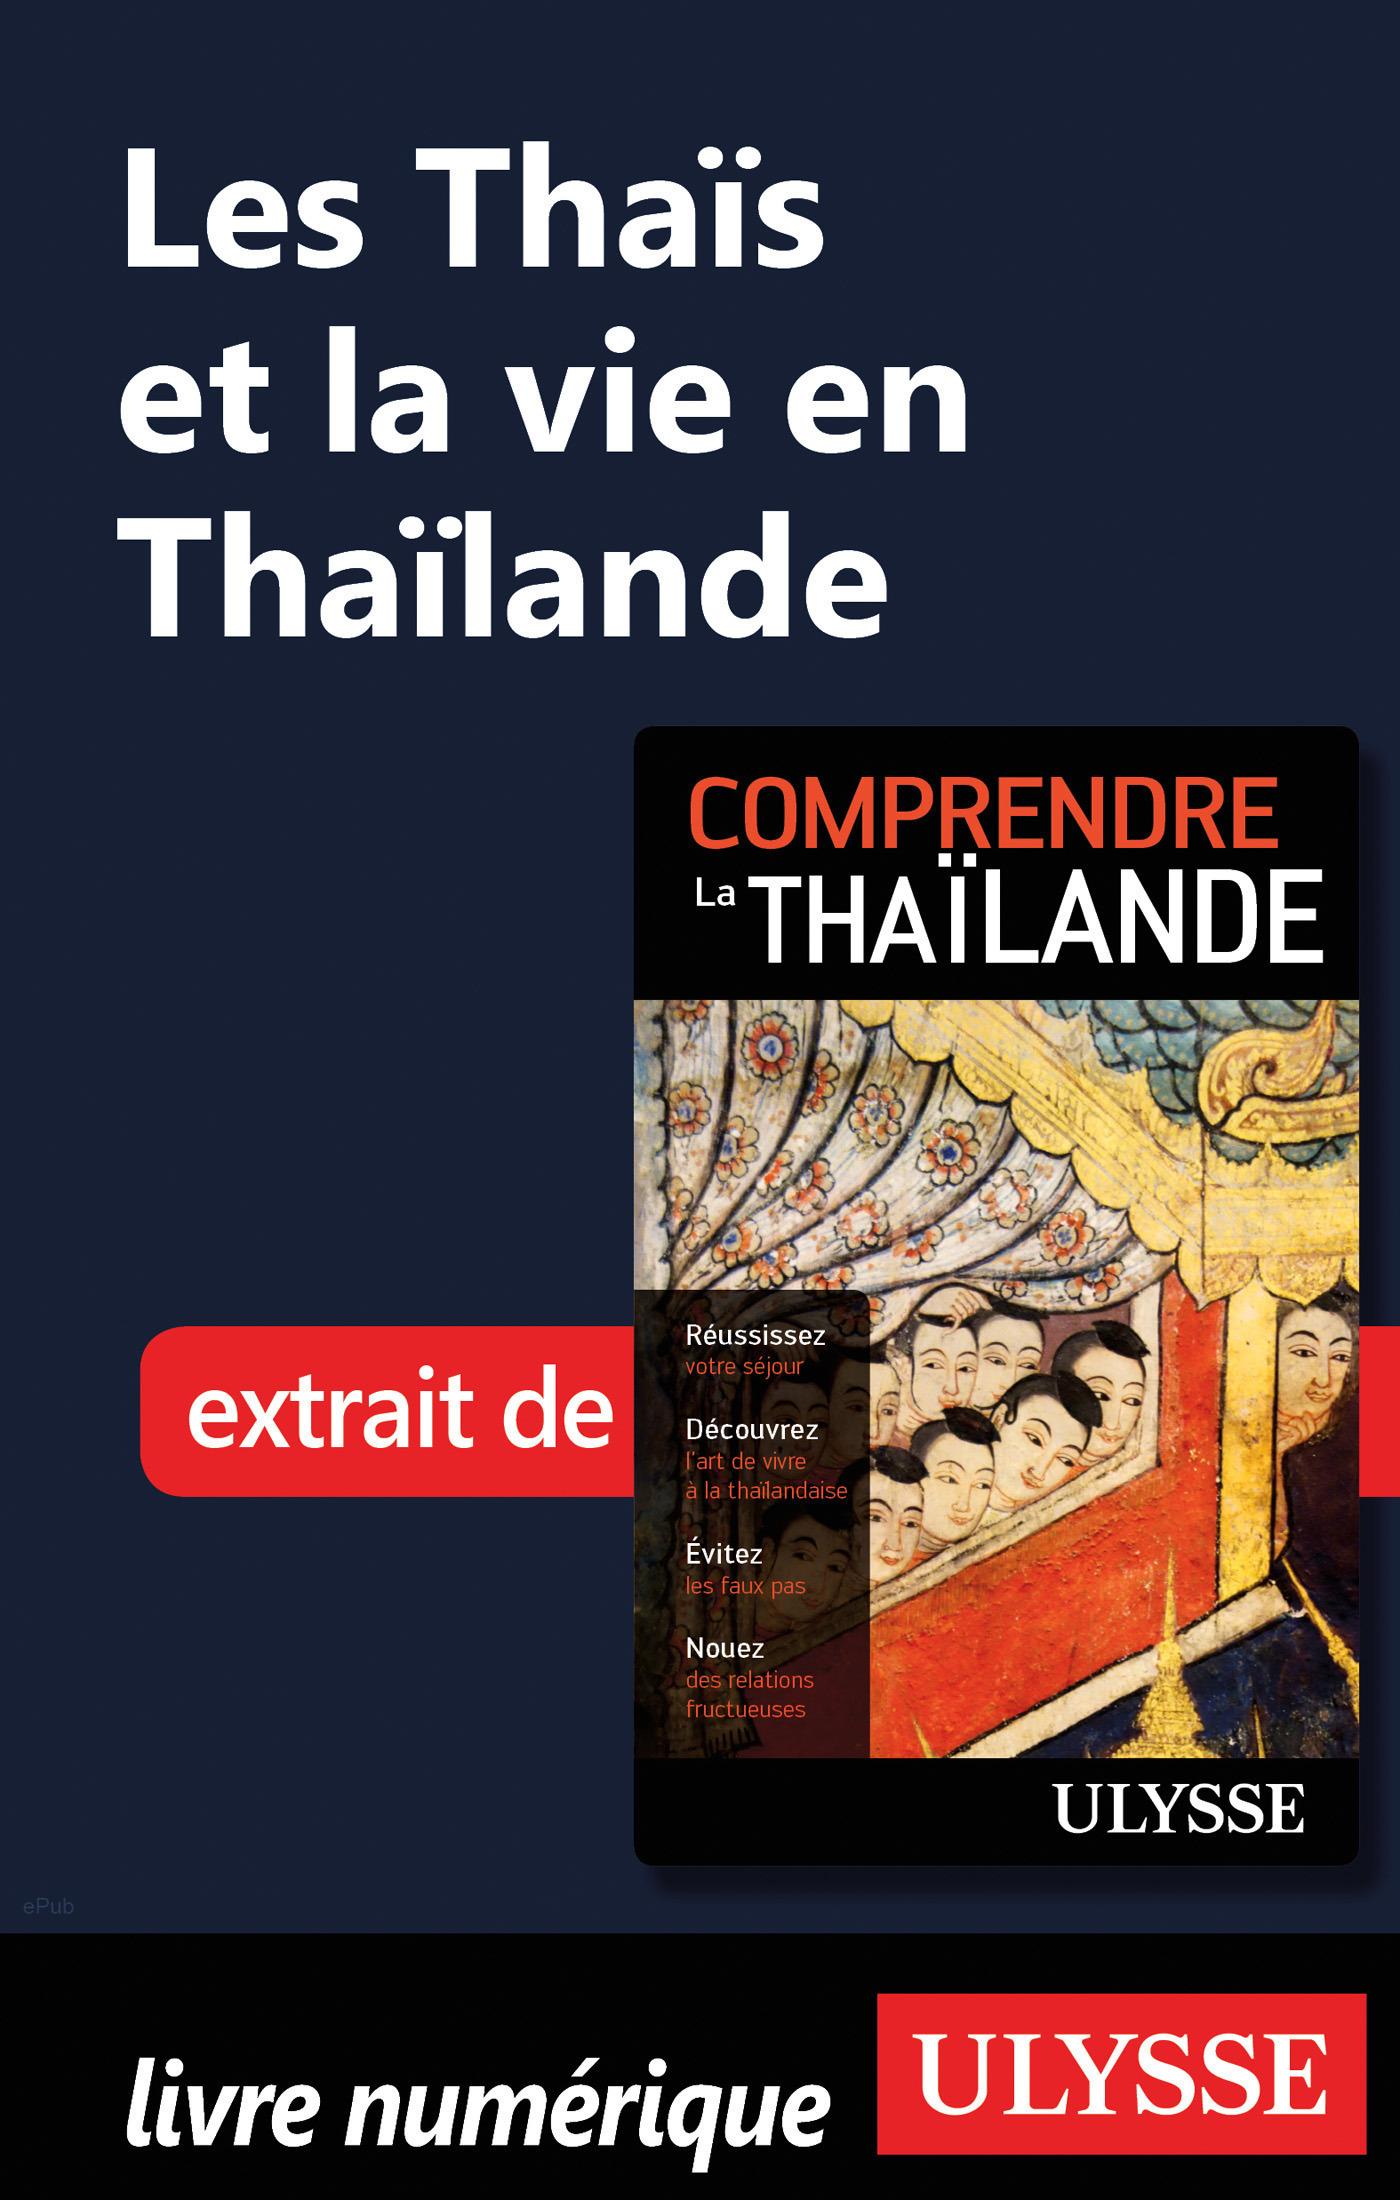 Les Thaïs et la vie en Thaïlande